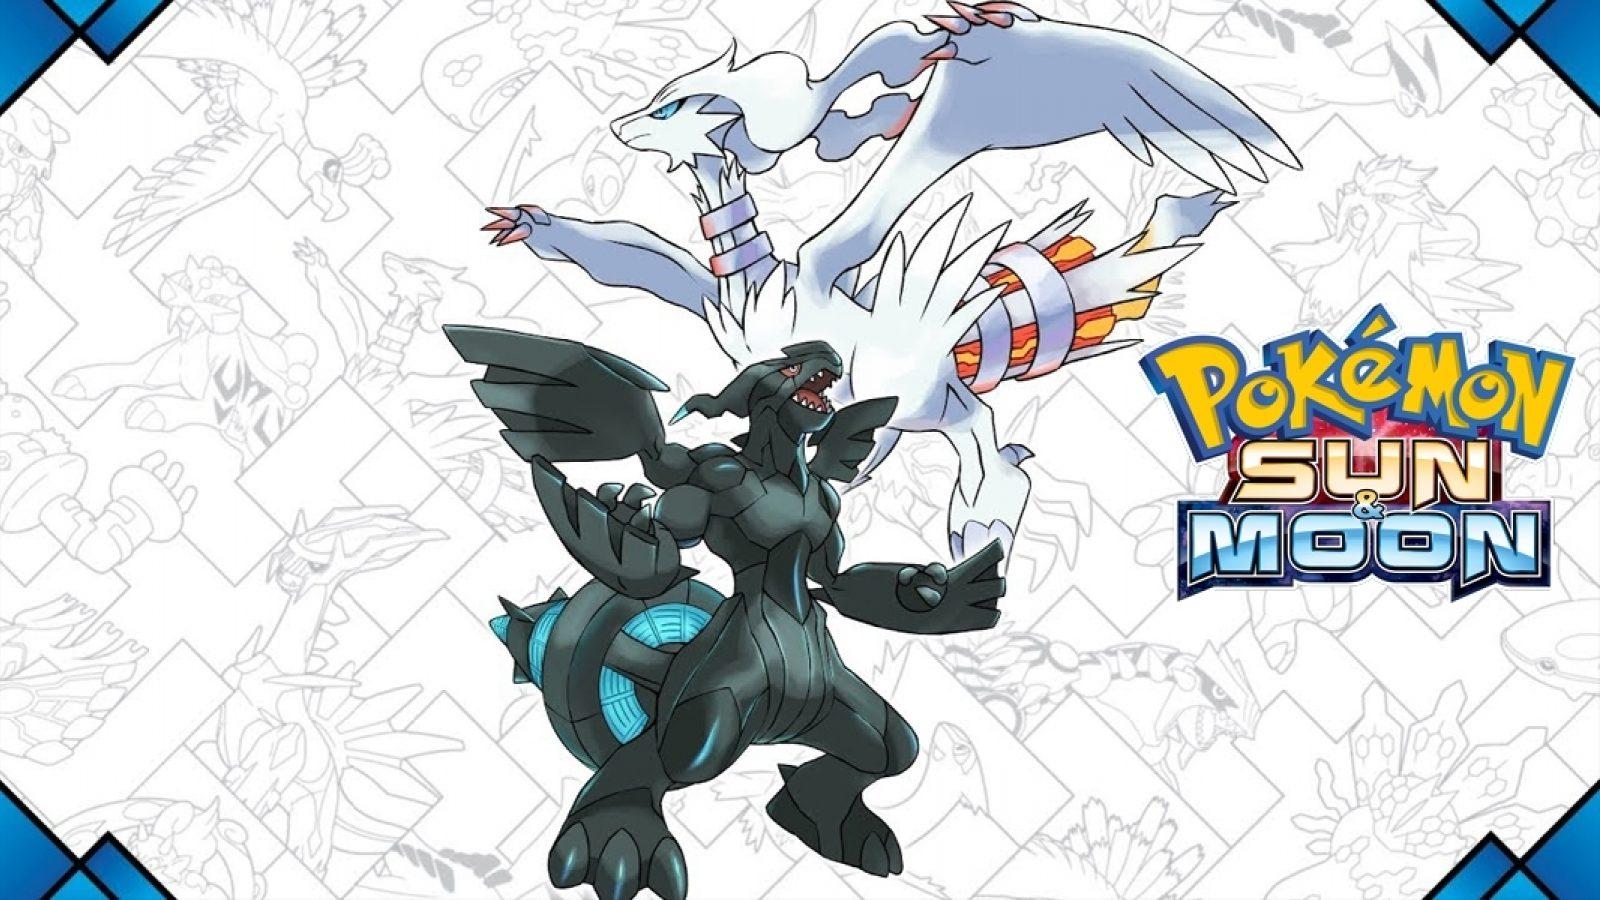 Zekrom en Pokémon